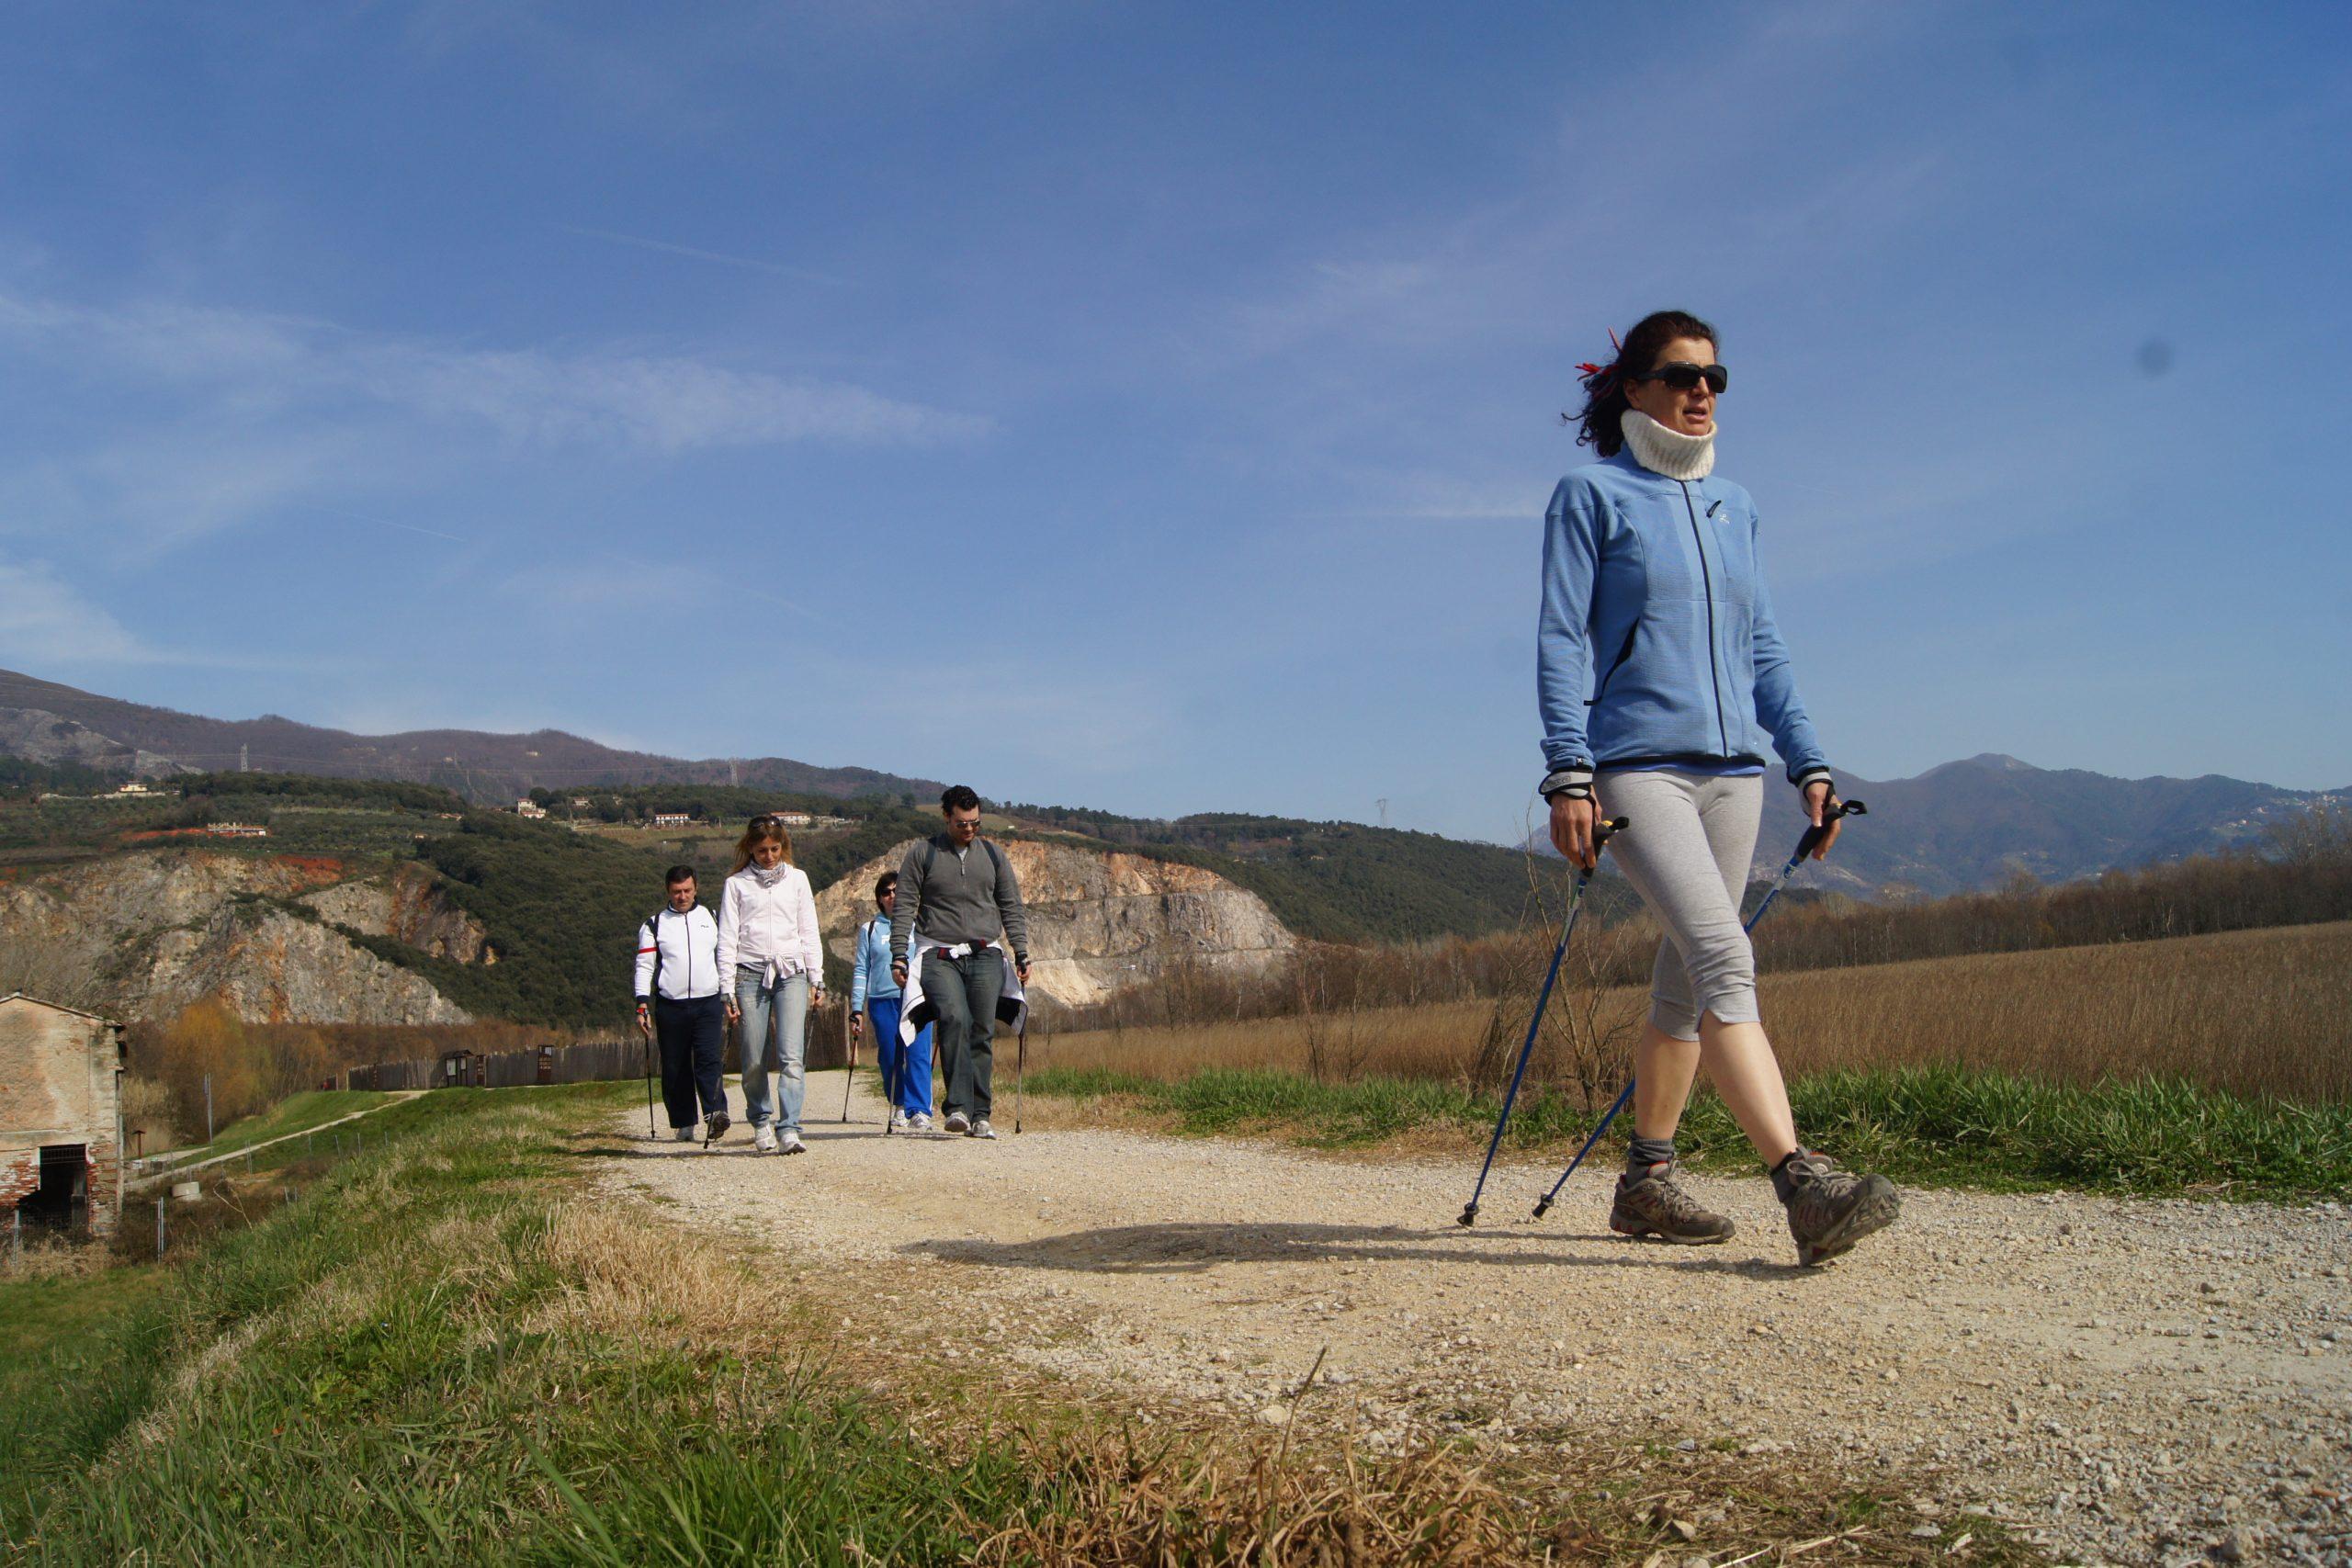 Percorsi Nordic Walking - Camminata Nordica